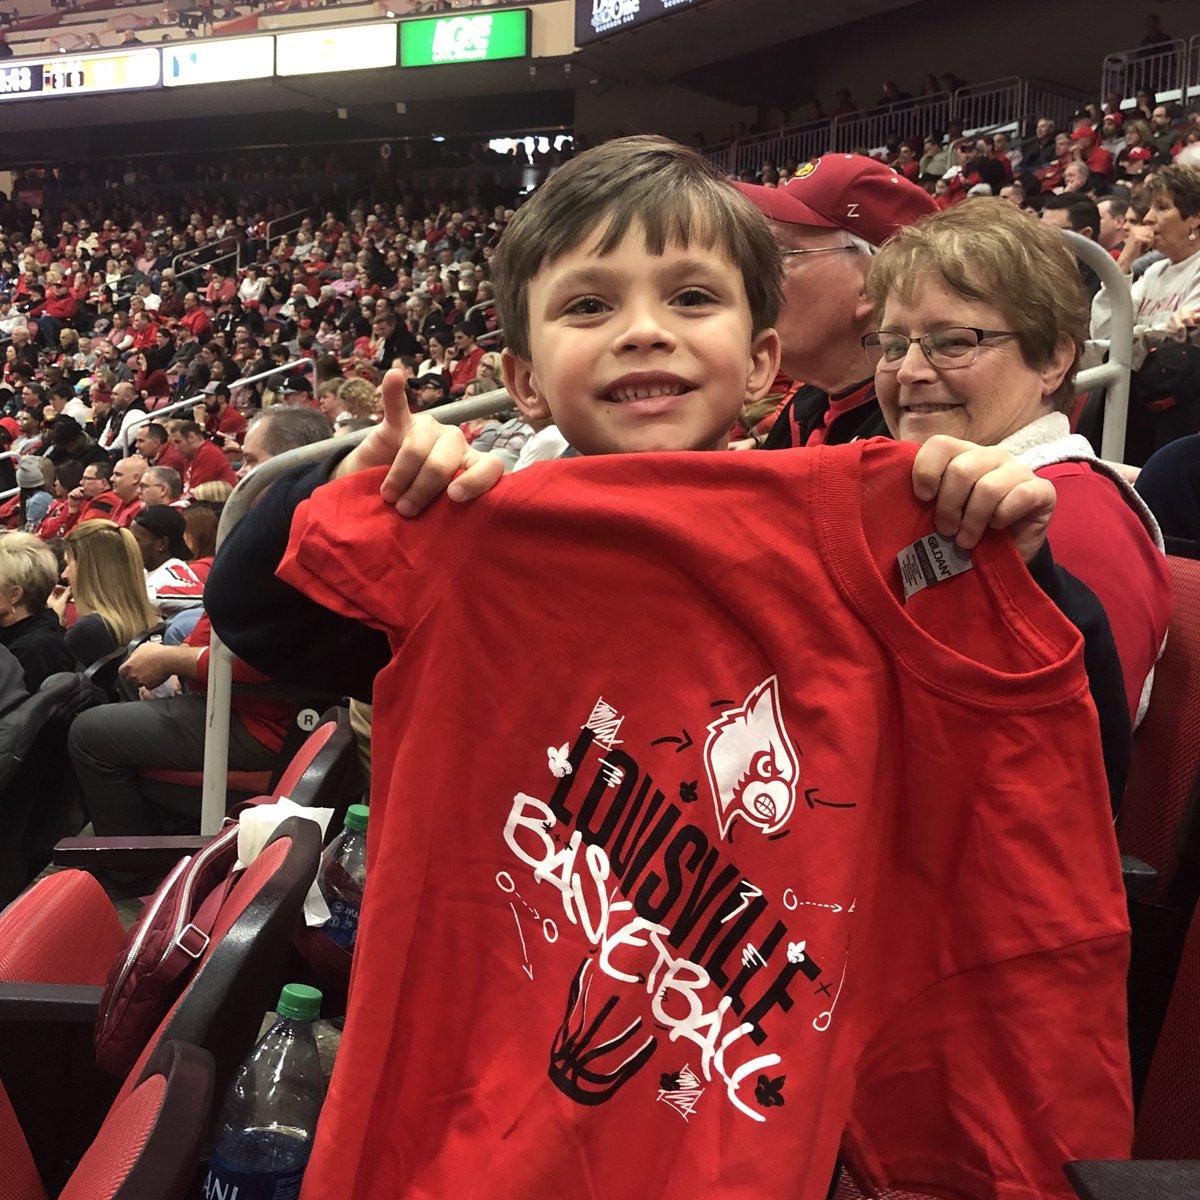 Guess who got a shirt at the @LouisvilleMBB t-shirt toss? #GoCards